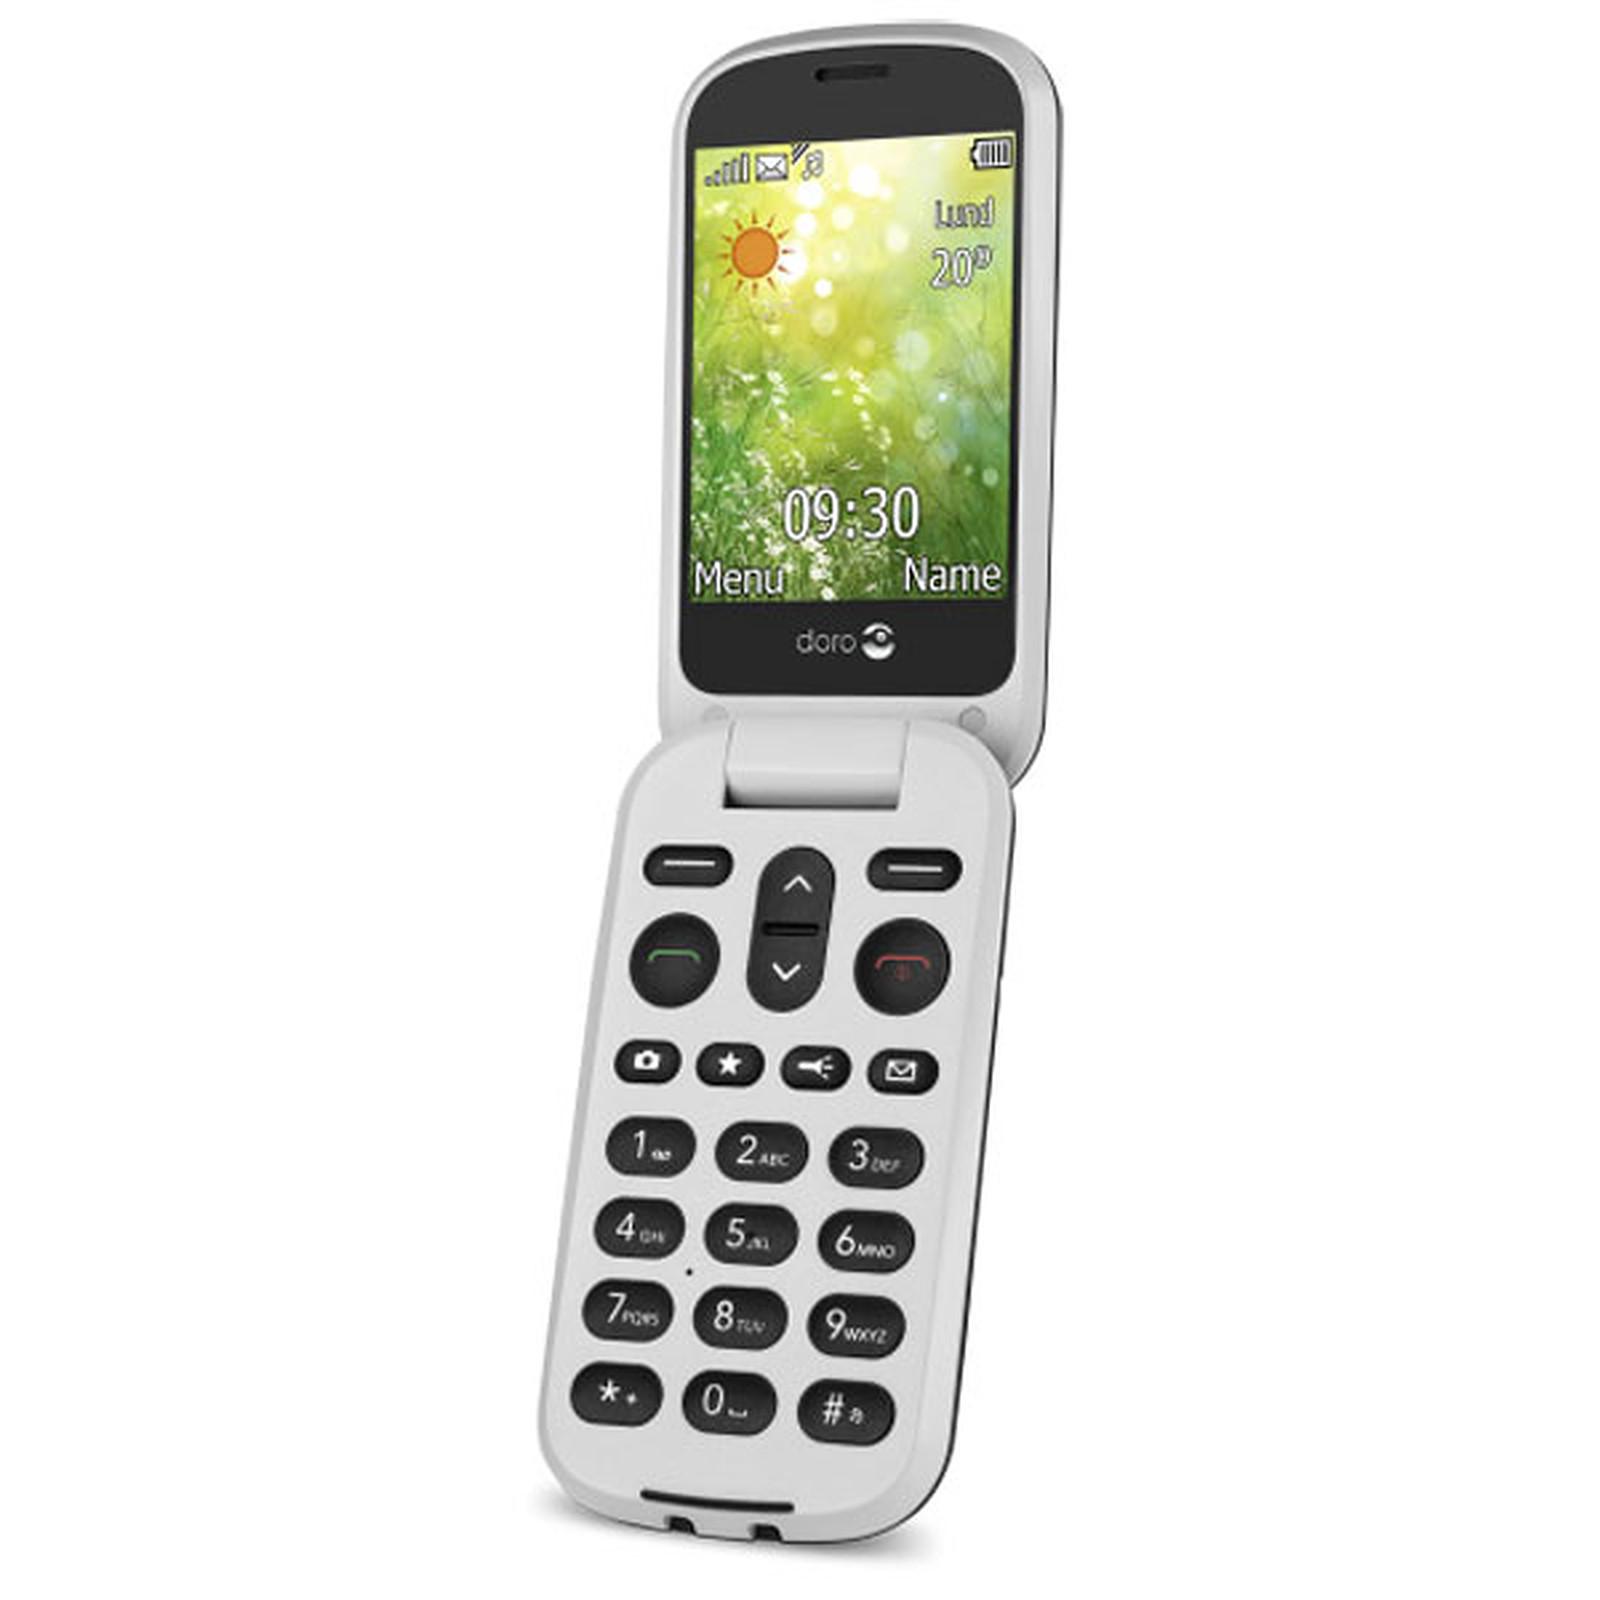 doro 6050 graphite blanc mobile smartphone doro sur. Black Bedroom Furniture Sets. Home Design Ideas